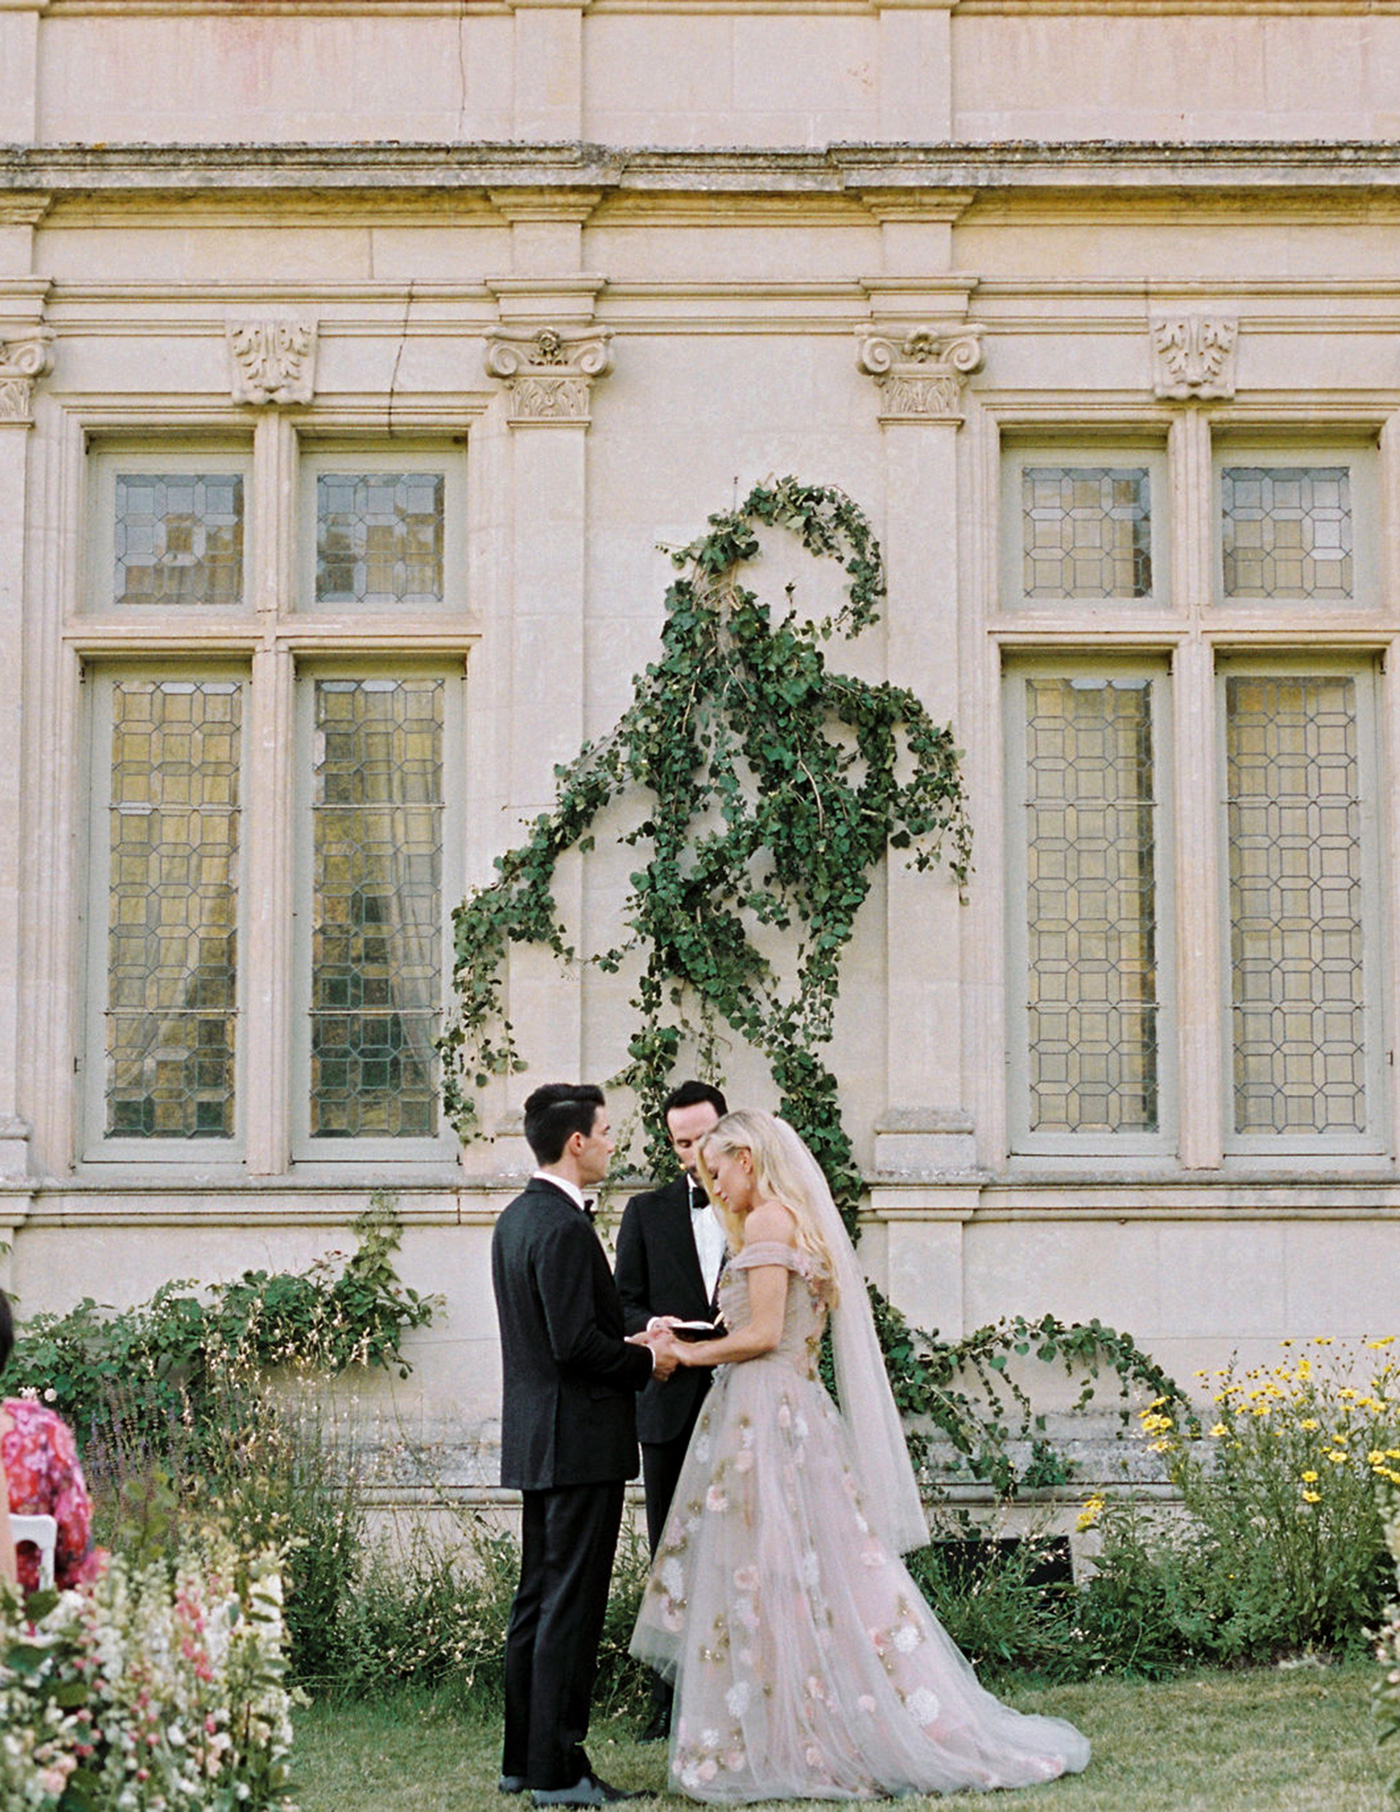 Asheton and Freddie's wedding ceremony